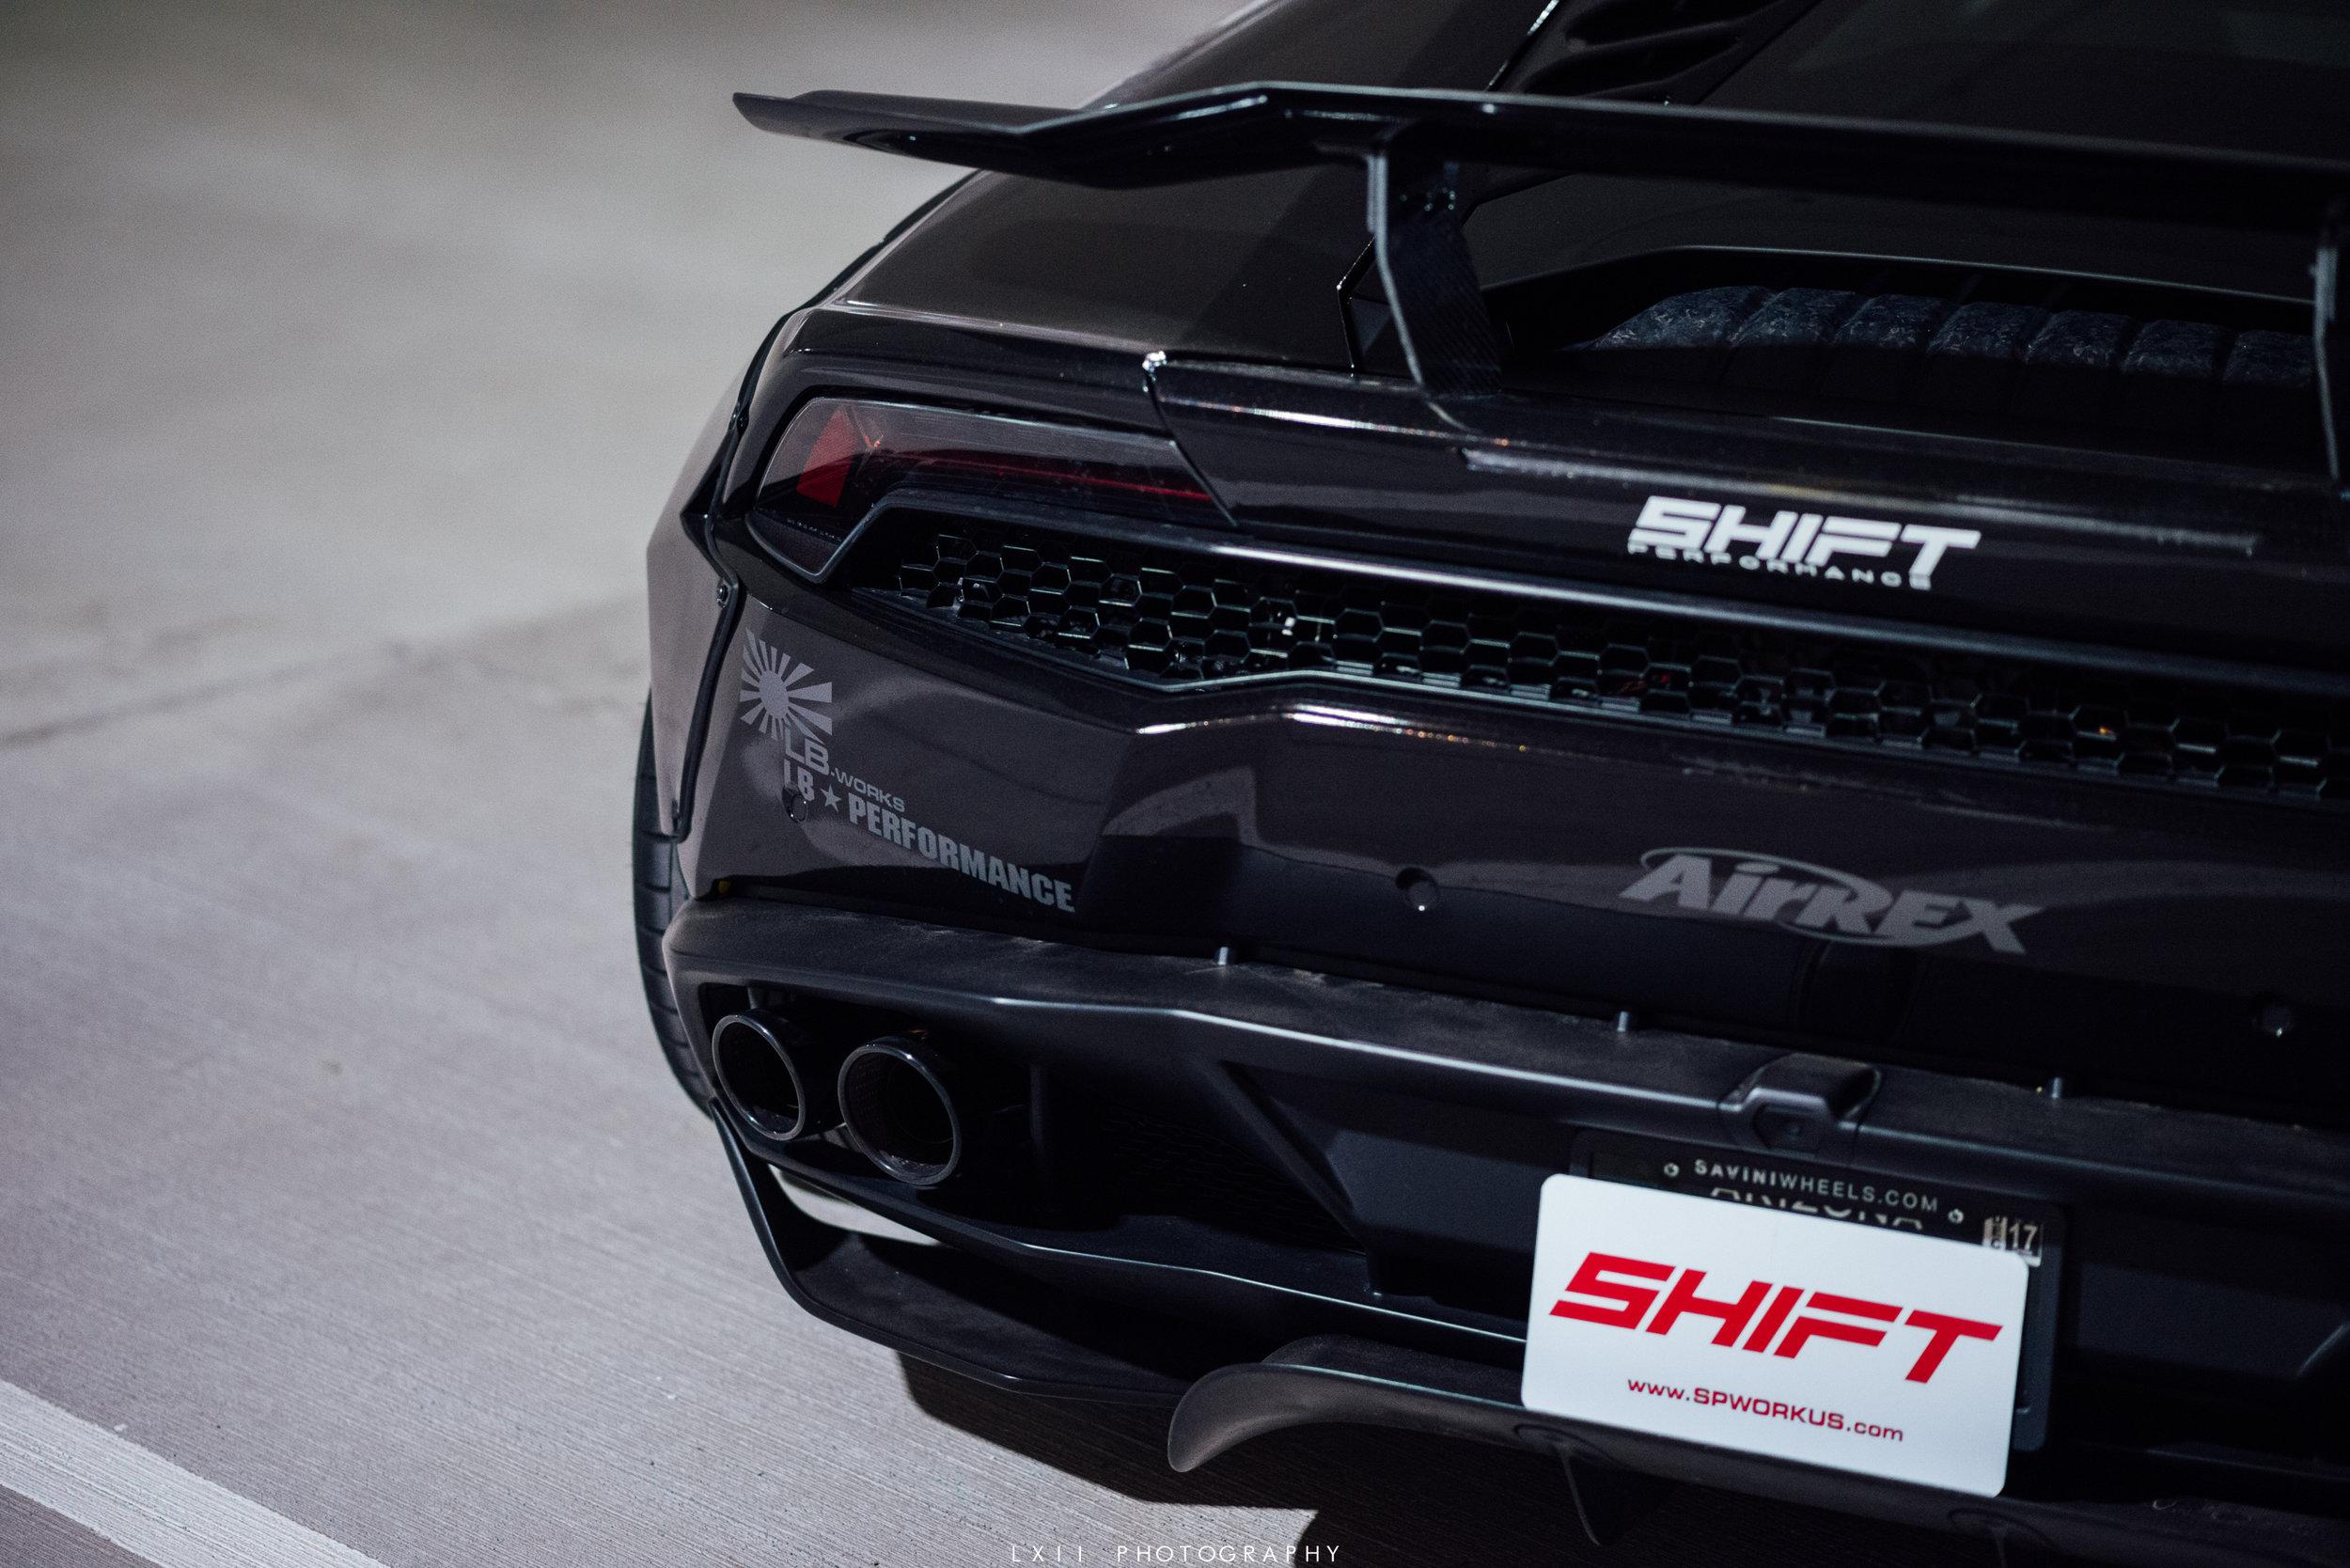 SHIFT-108.jpg